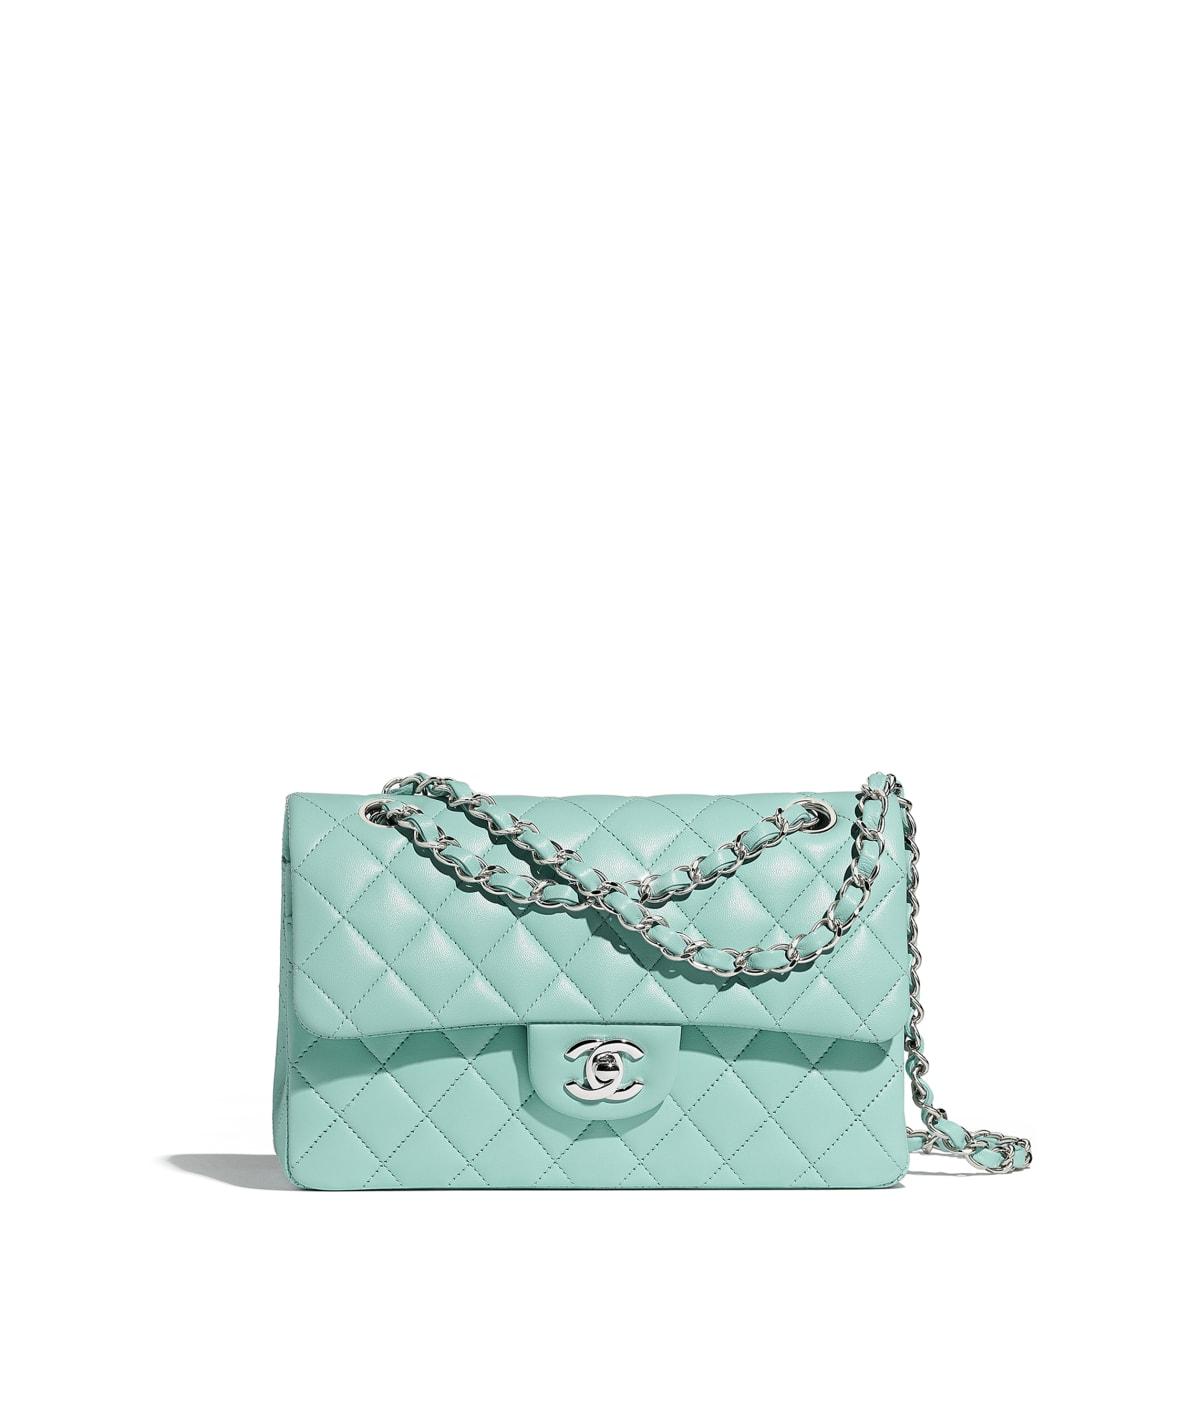 124b3fb7437a0f Small Classic Handbag, lambskin, light blue - CHANEL